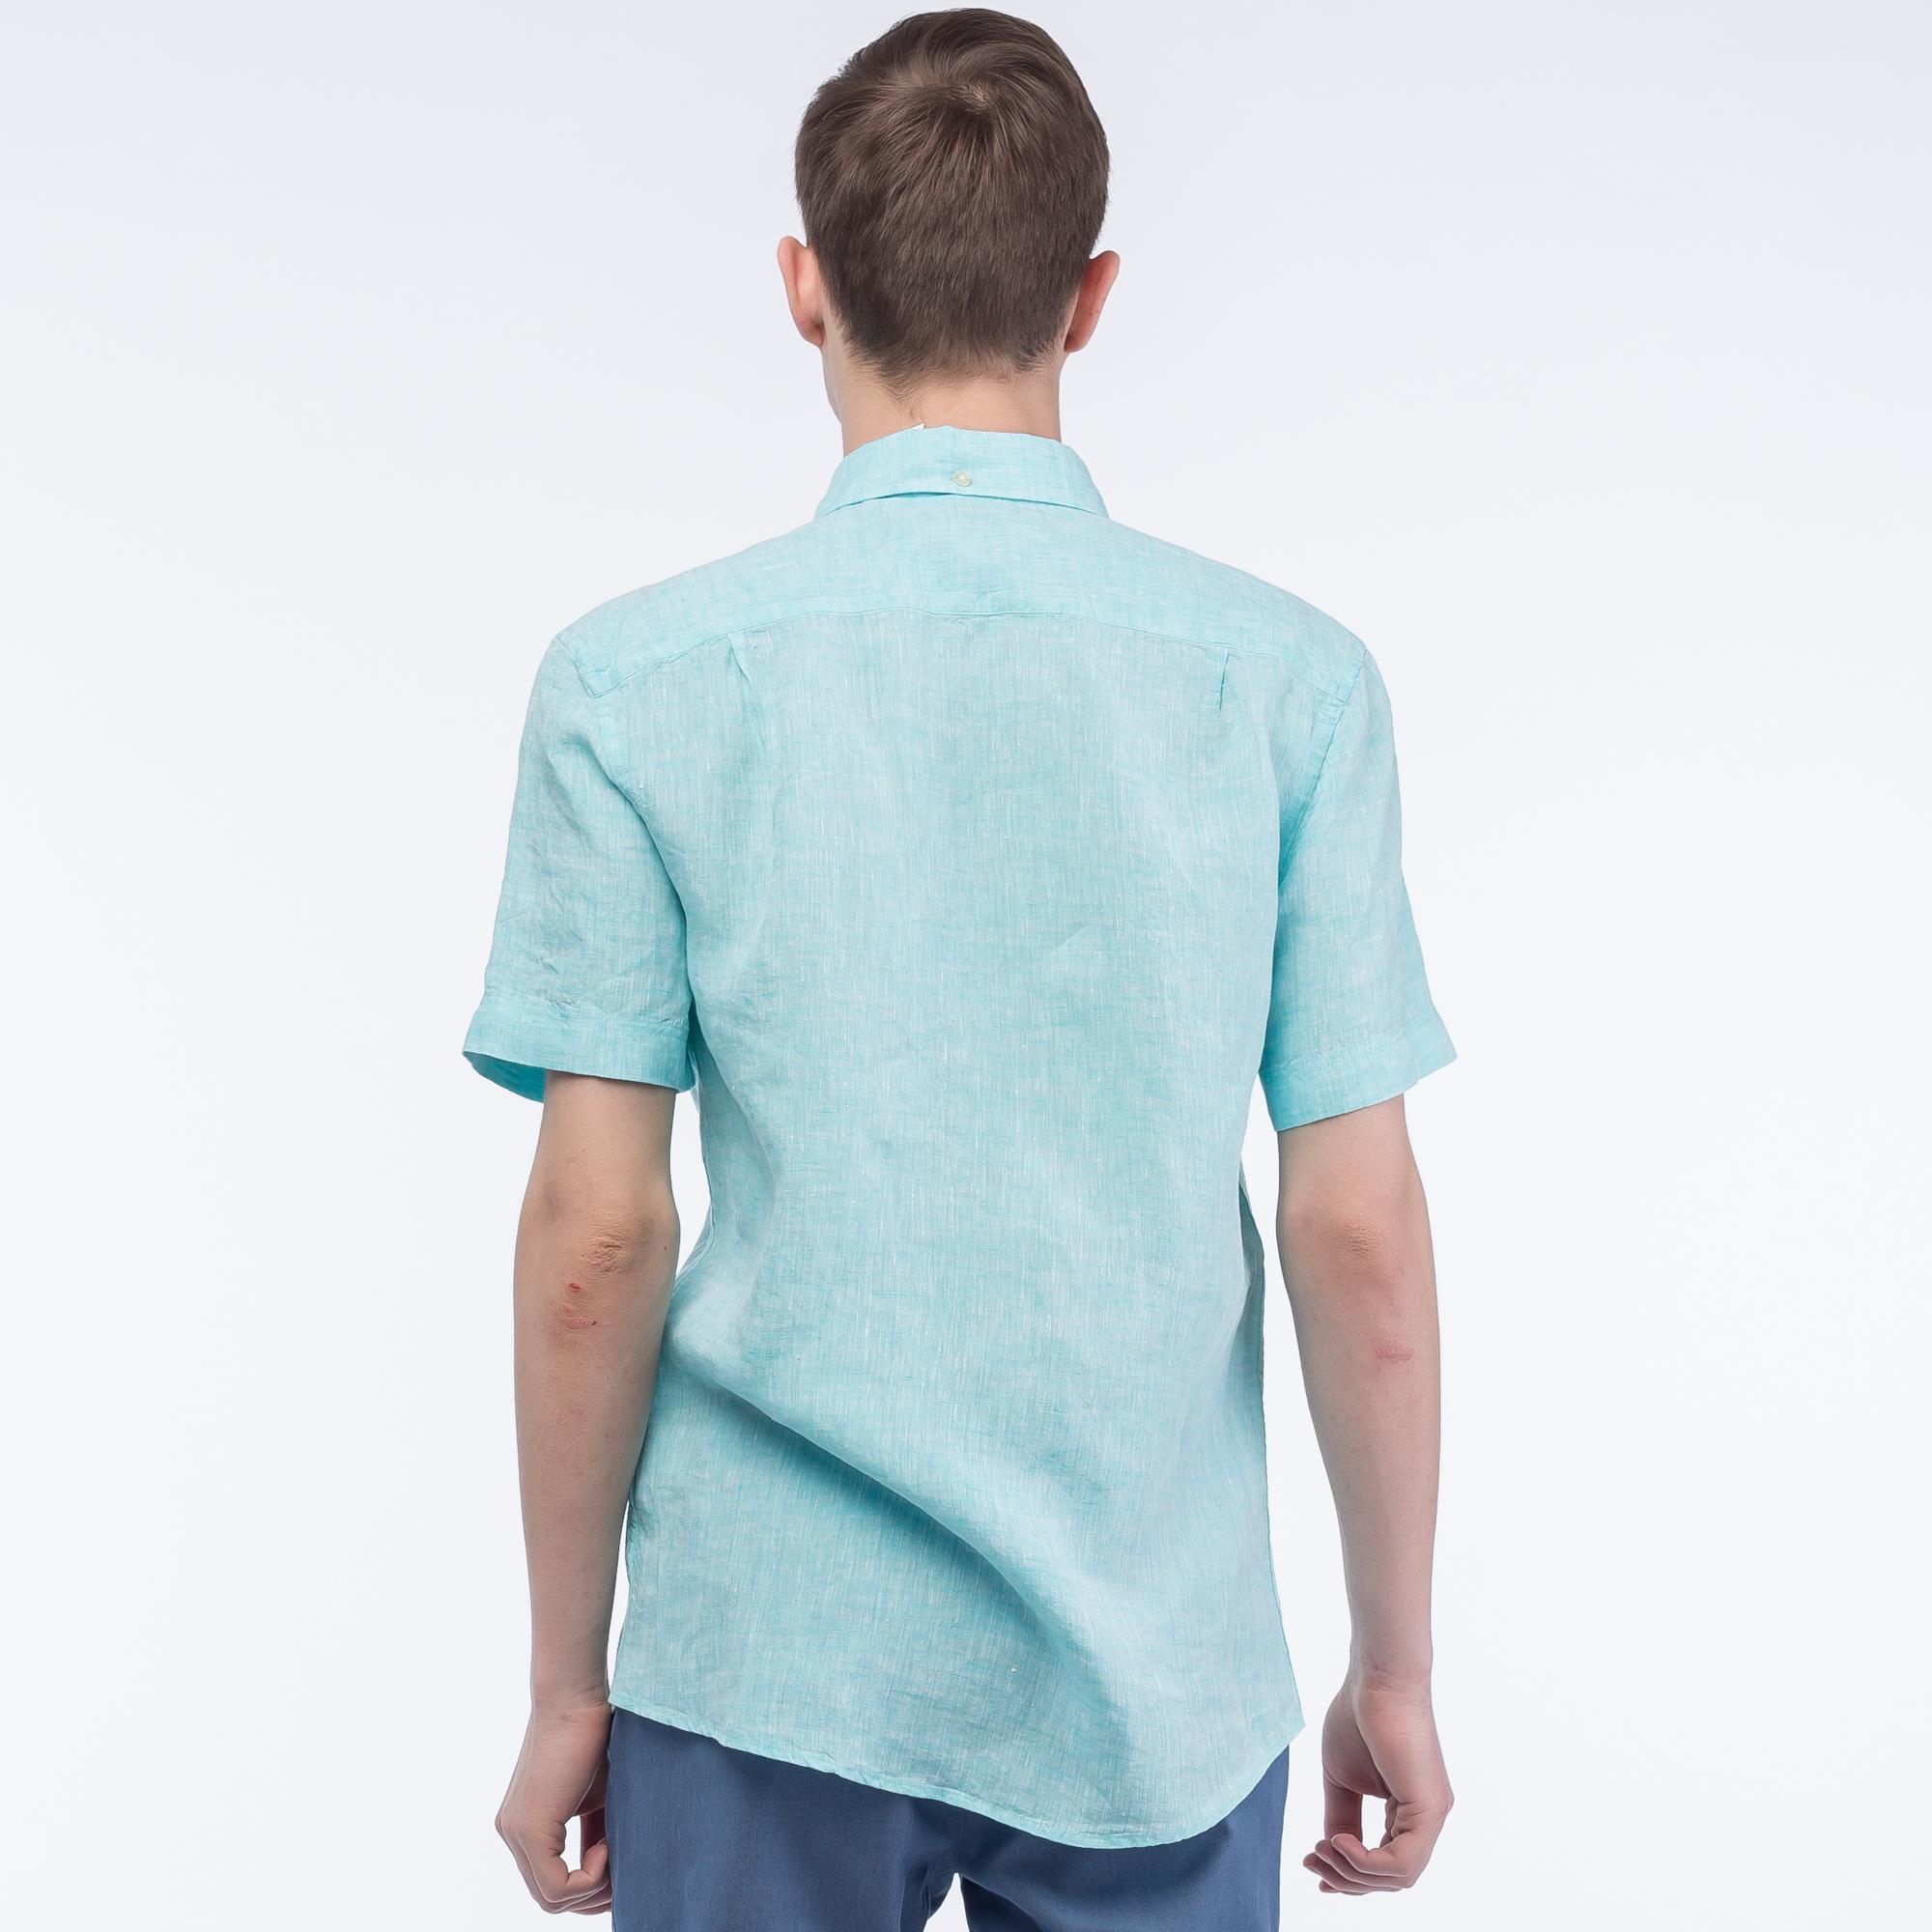 Фото 4 - Рубашку Lacoste Regular fit бирюзового цвета